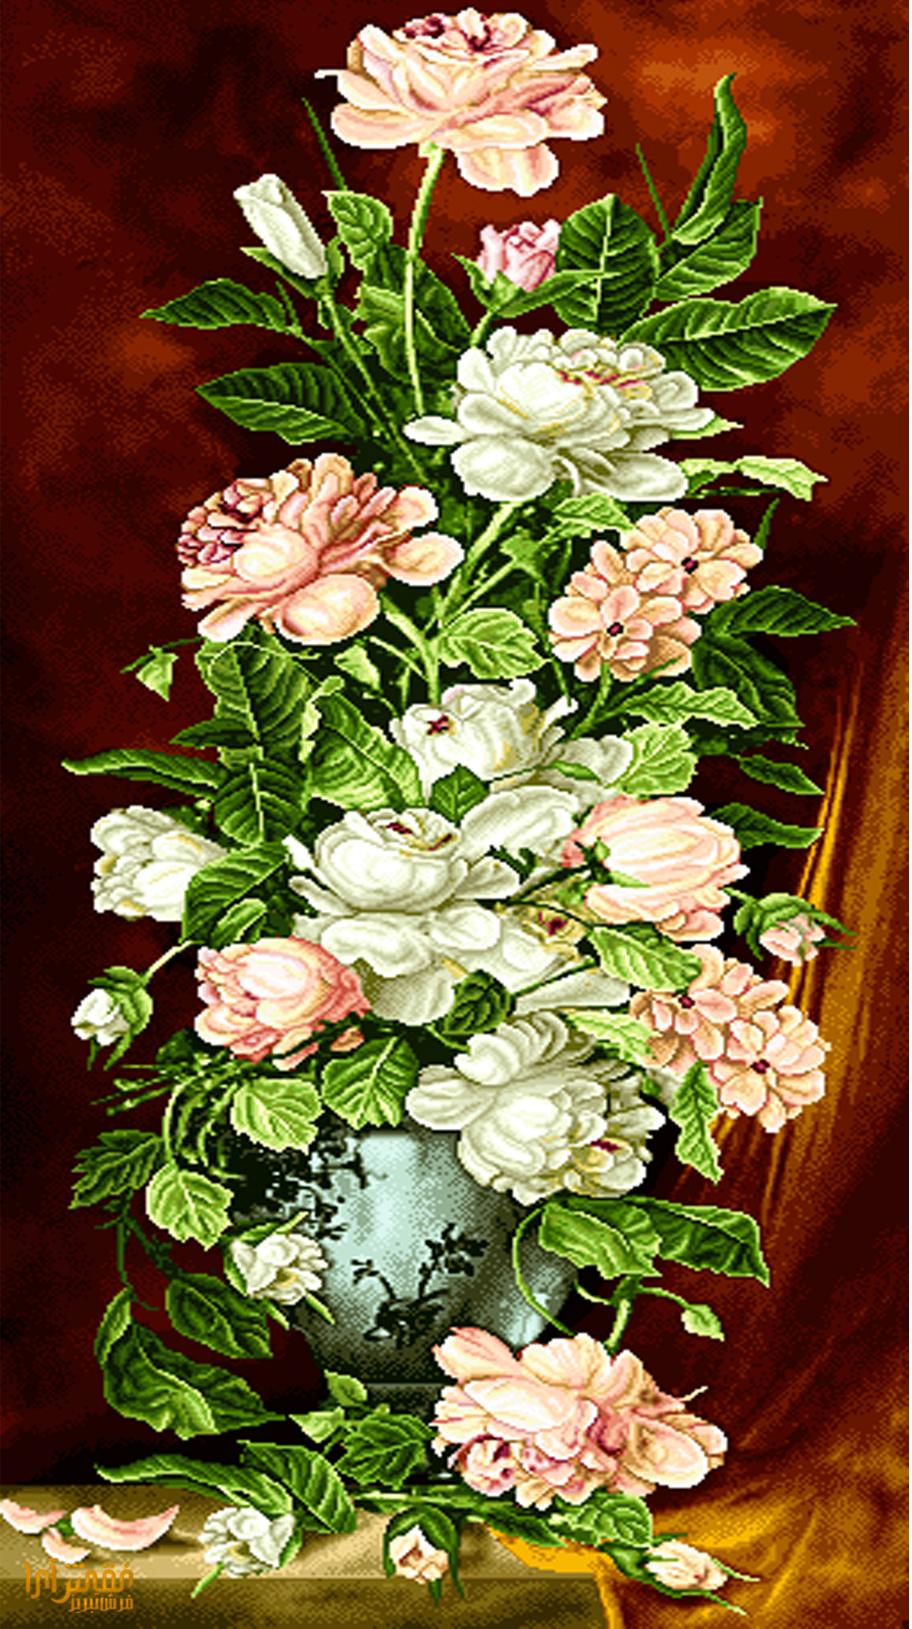 نام طرح : گل و گلدان -کدD188